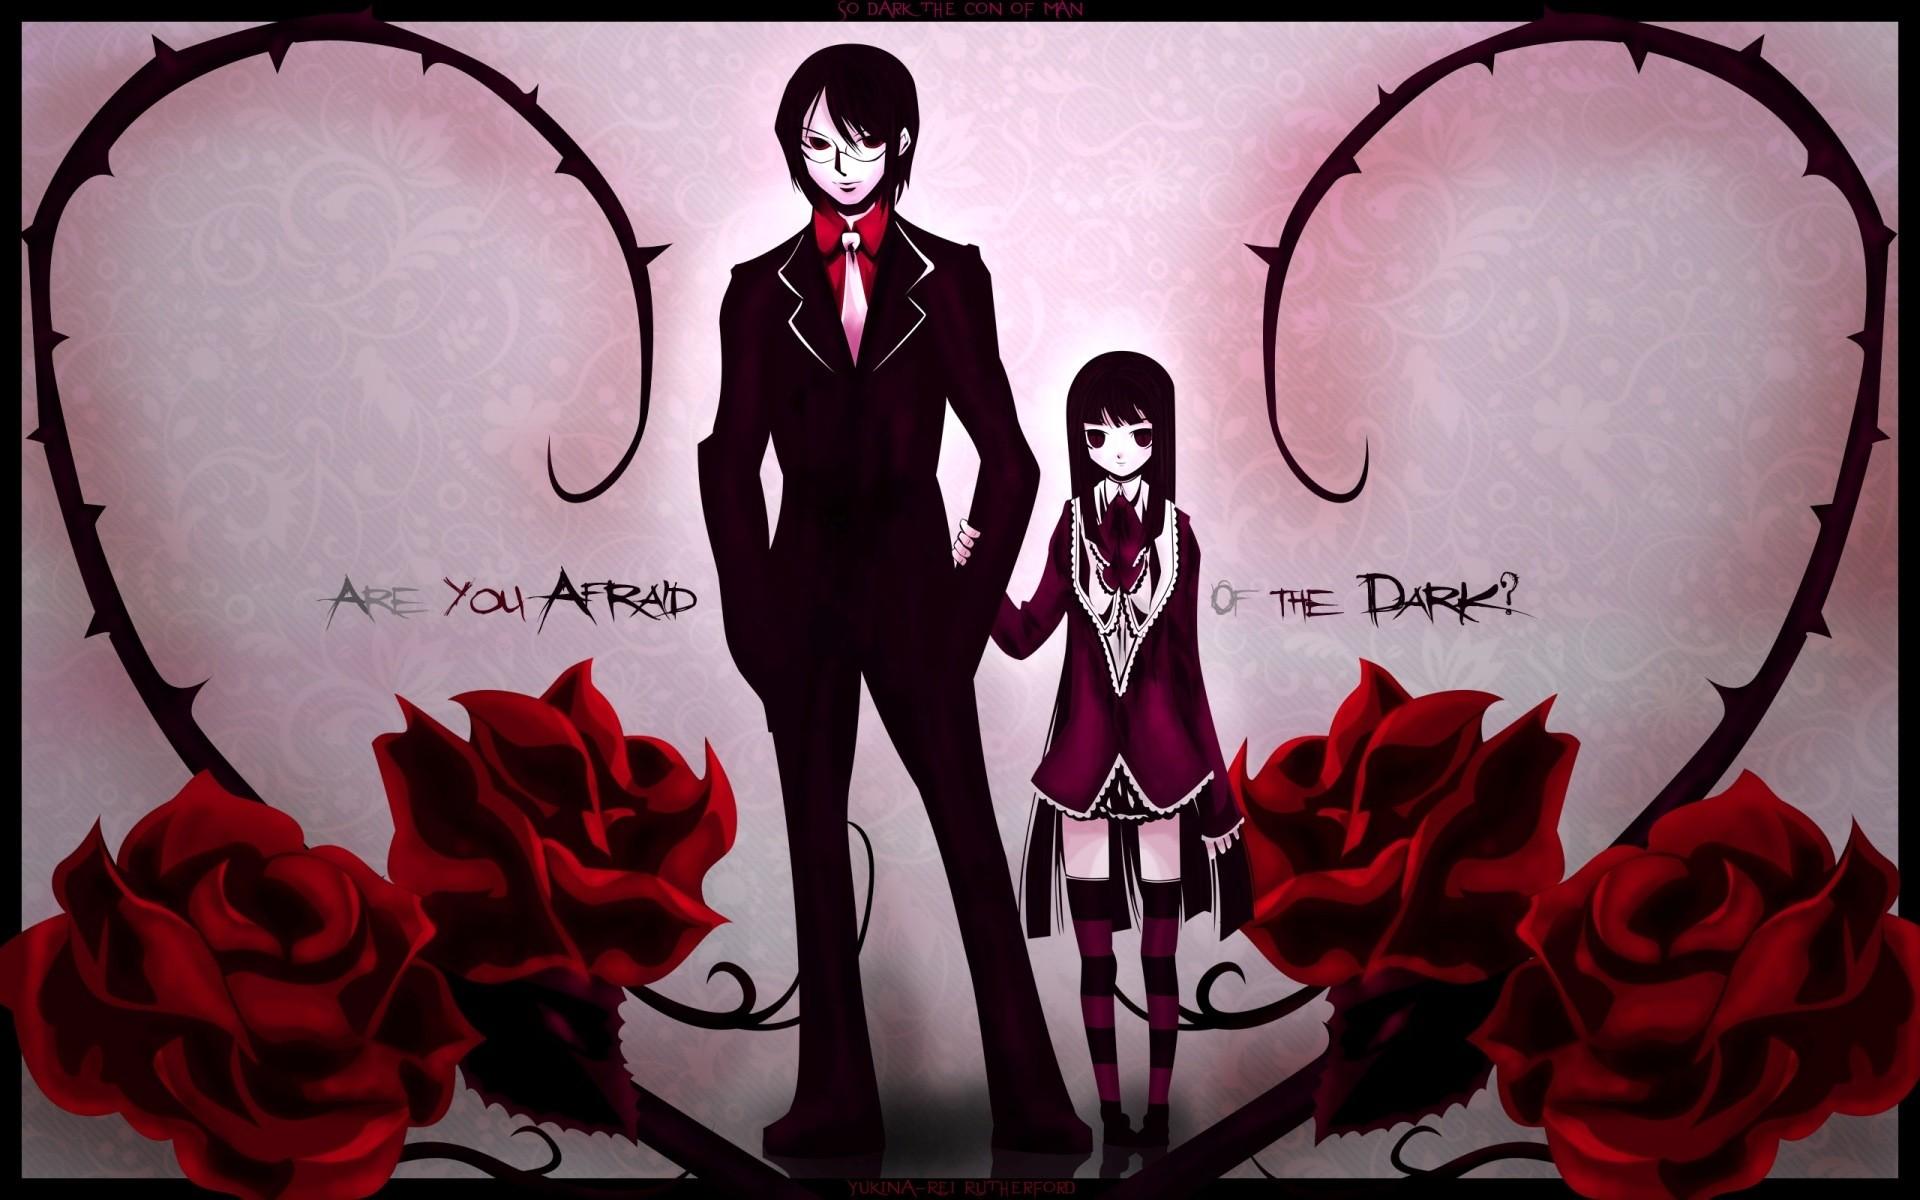 Wallpaper Boy, Dark anime, Girl, Rose, Background